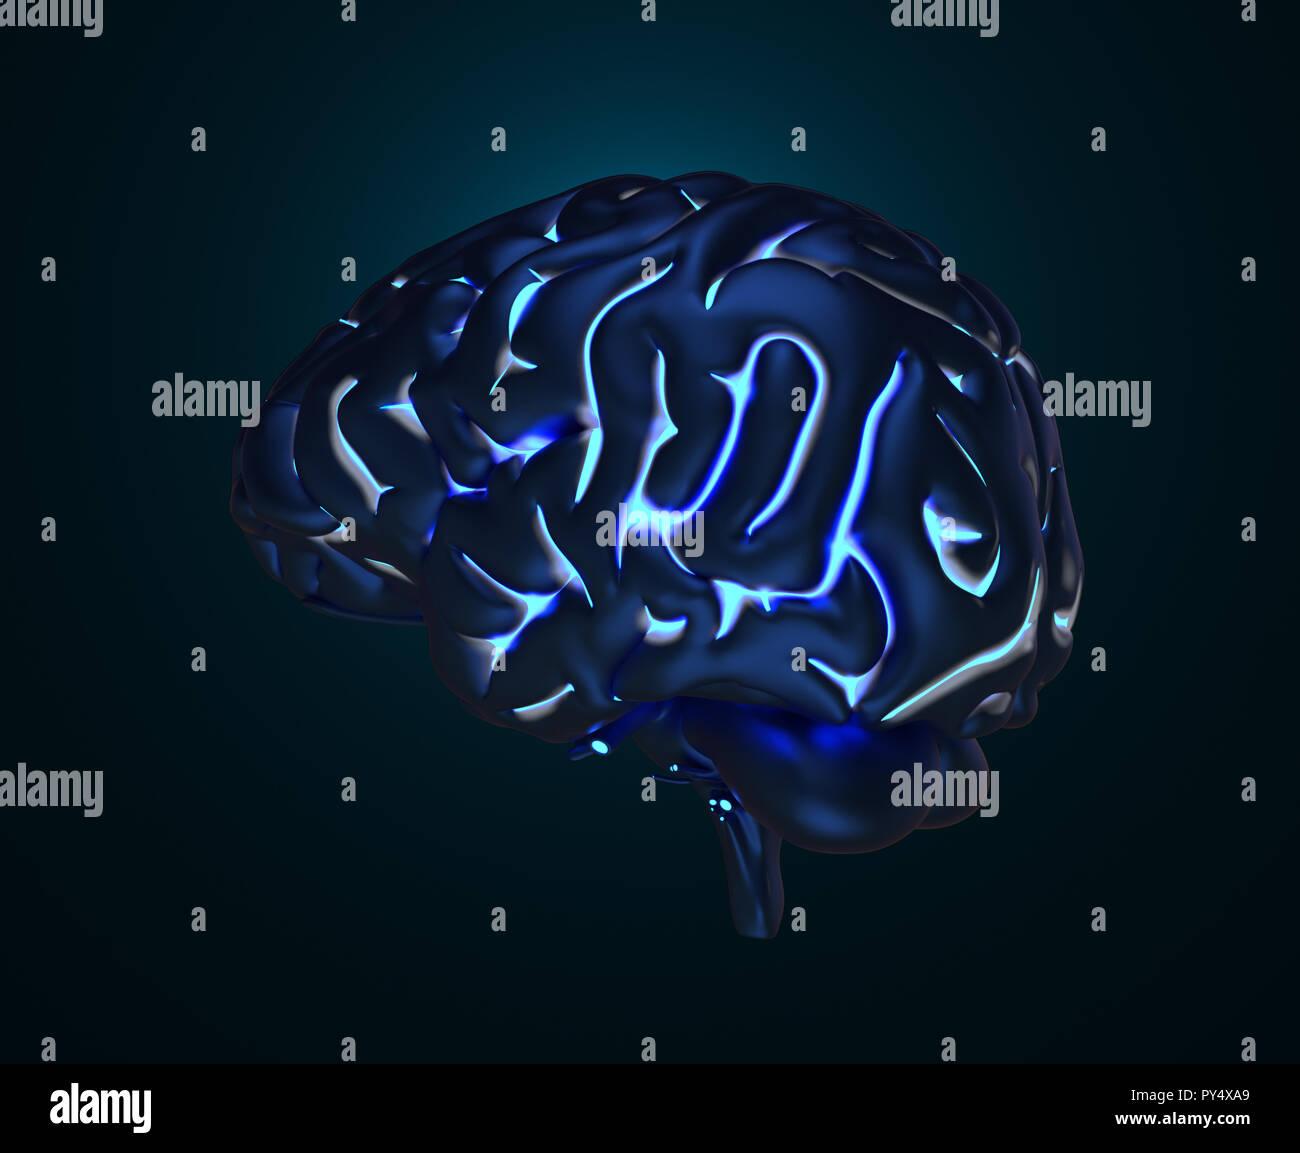 El cerebro humano con luminosas gyruses. Ilustración 3D Imagen De Stock